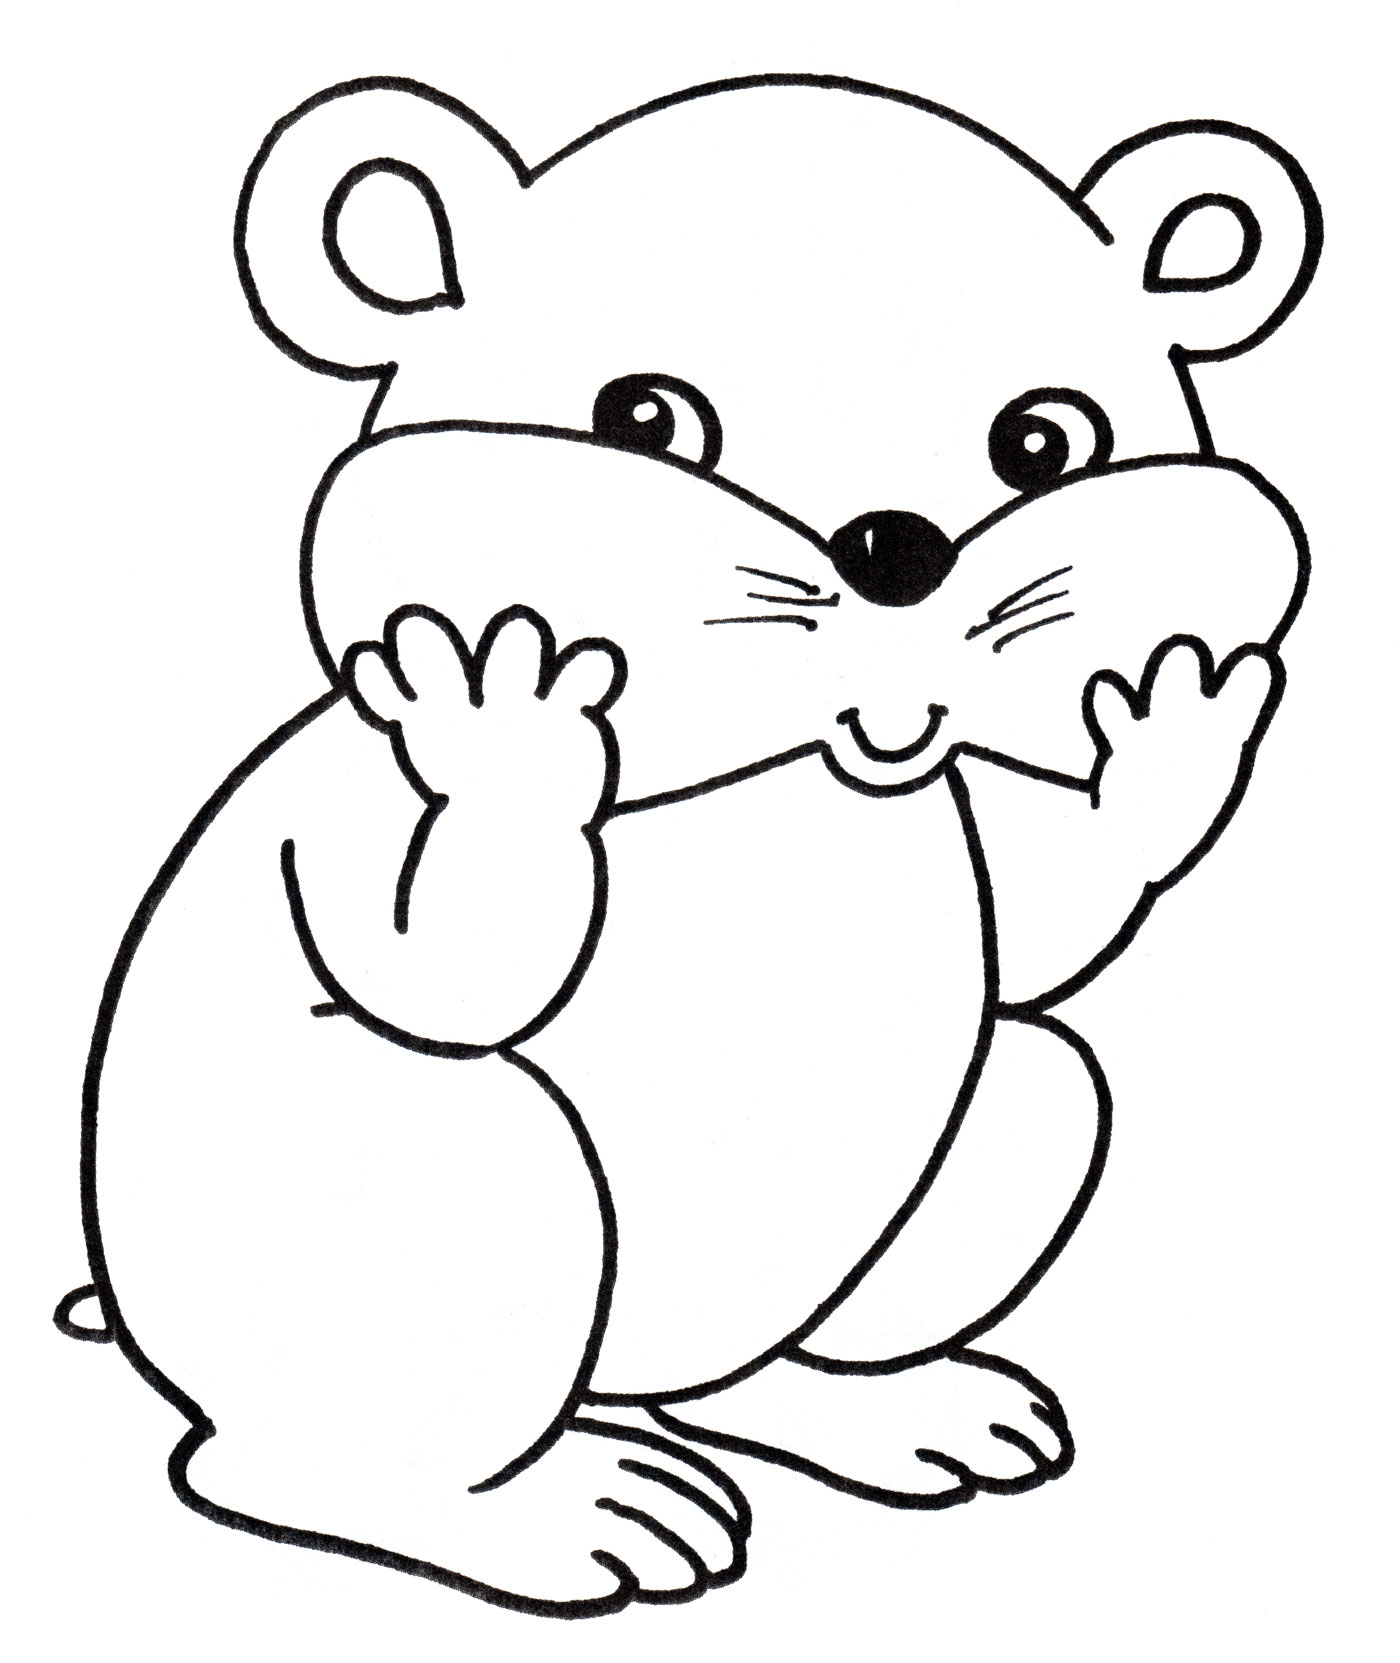 Раскраска хомячок для детей